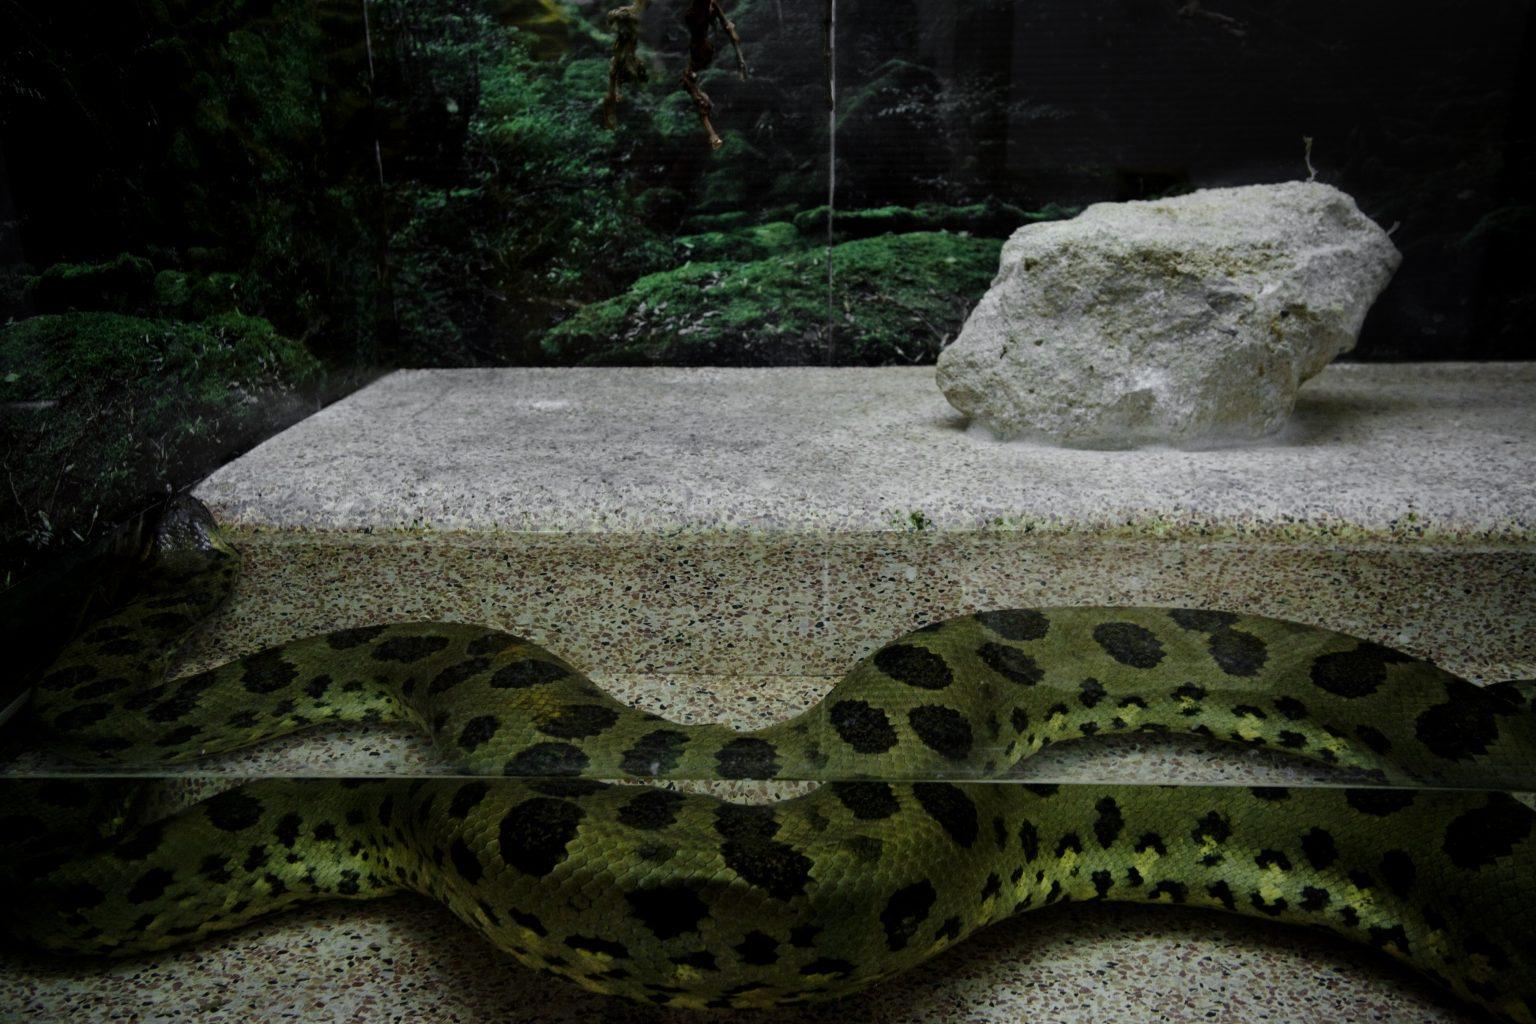 Belgrade, August 2012 - zoological garden, snake. >< Belgrado, agosto 2012 - giardino zoologico, serpente.